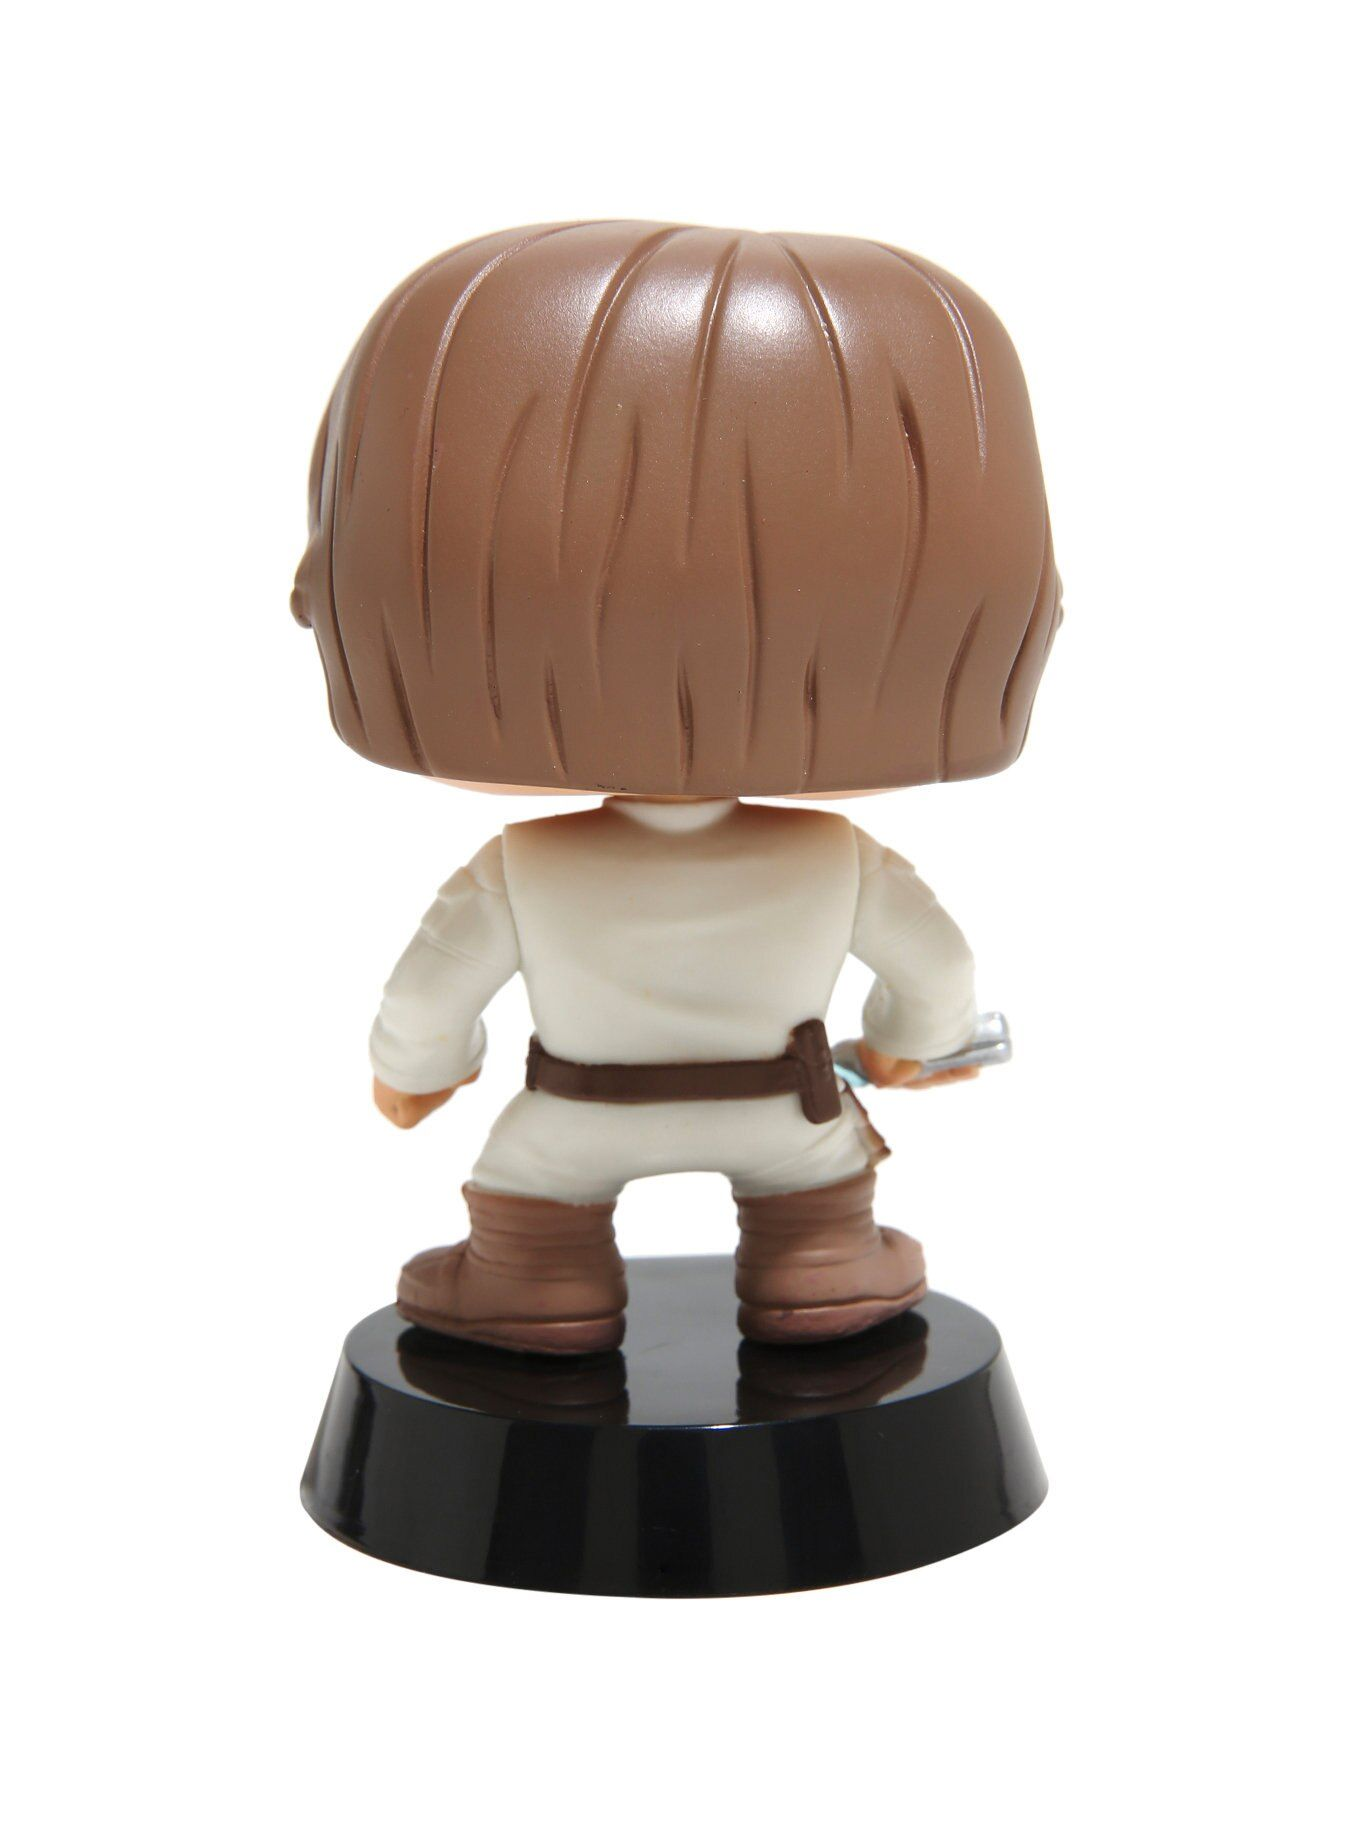 Luke Skywalker (Bespin) #93 - Star Wars - Funko Pop!